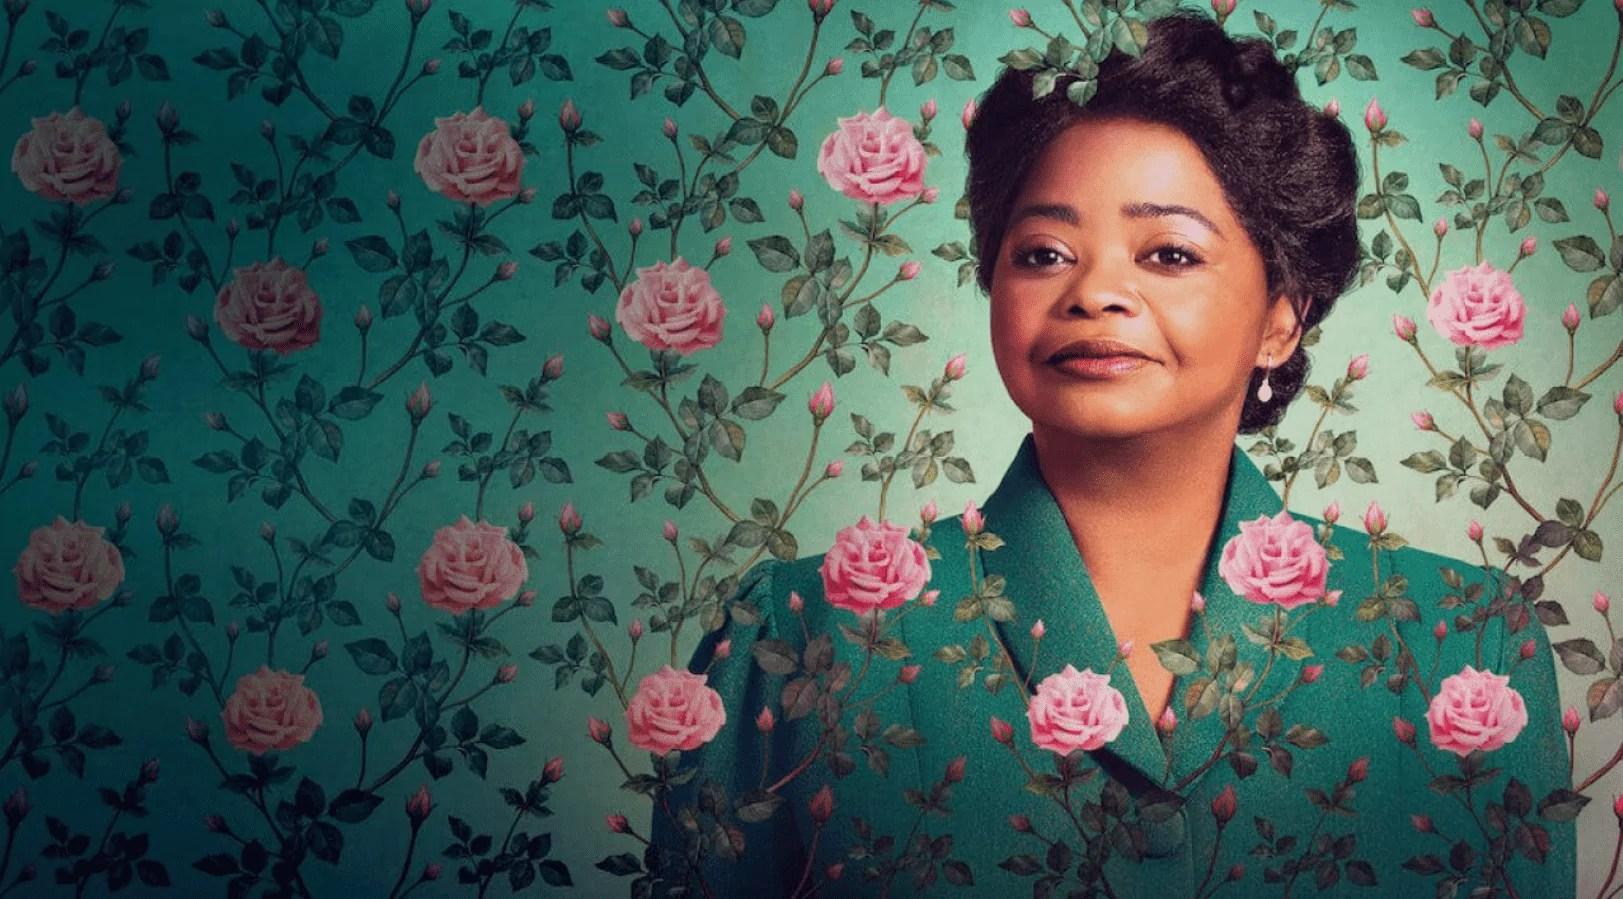 Imagem da série Madam C.J Wlaker, mostra uma mulher negra, de cabelos presos, usando uma roupa verde, em fundo verde com flores rosas.